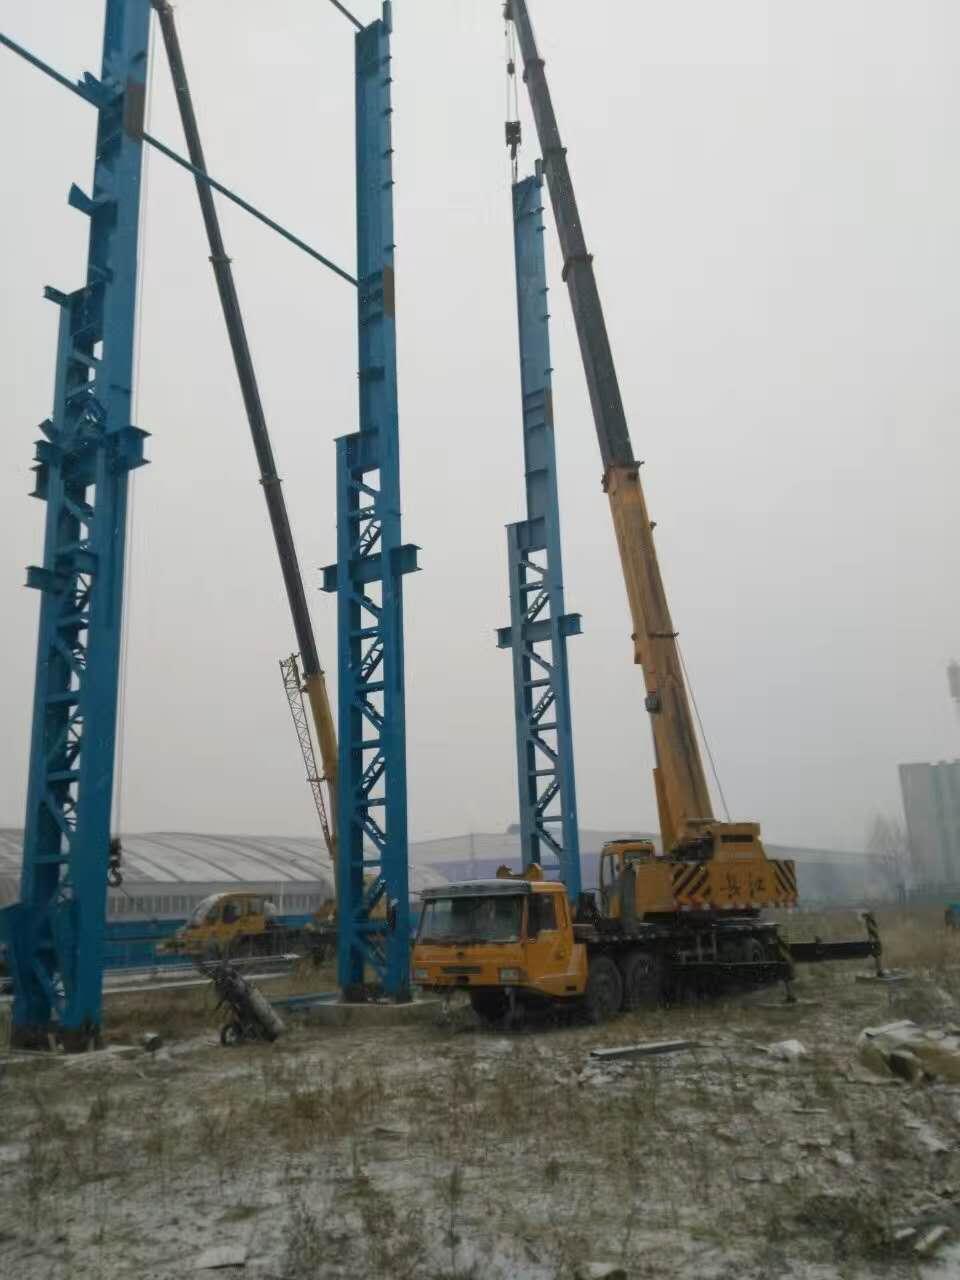 象山县吊车出租-在选择租赁吊车时要考虑哪些因素?